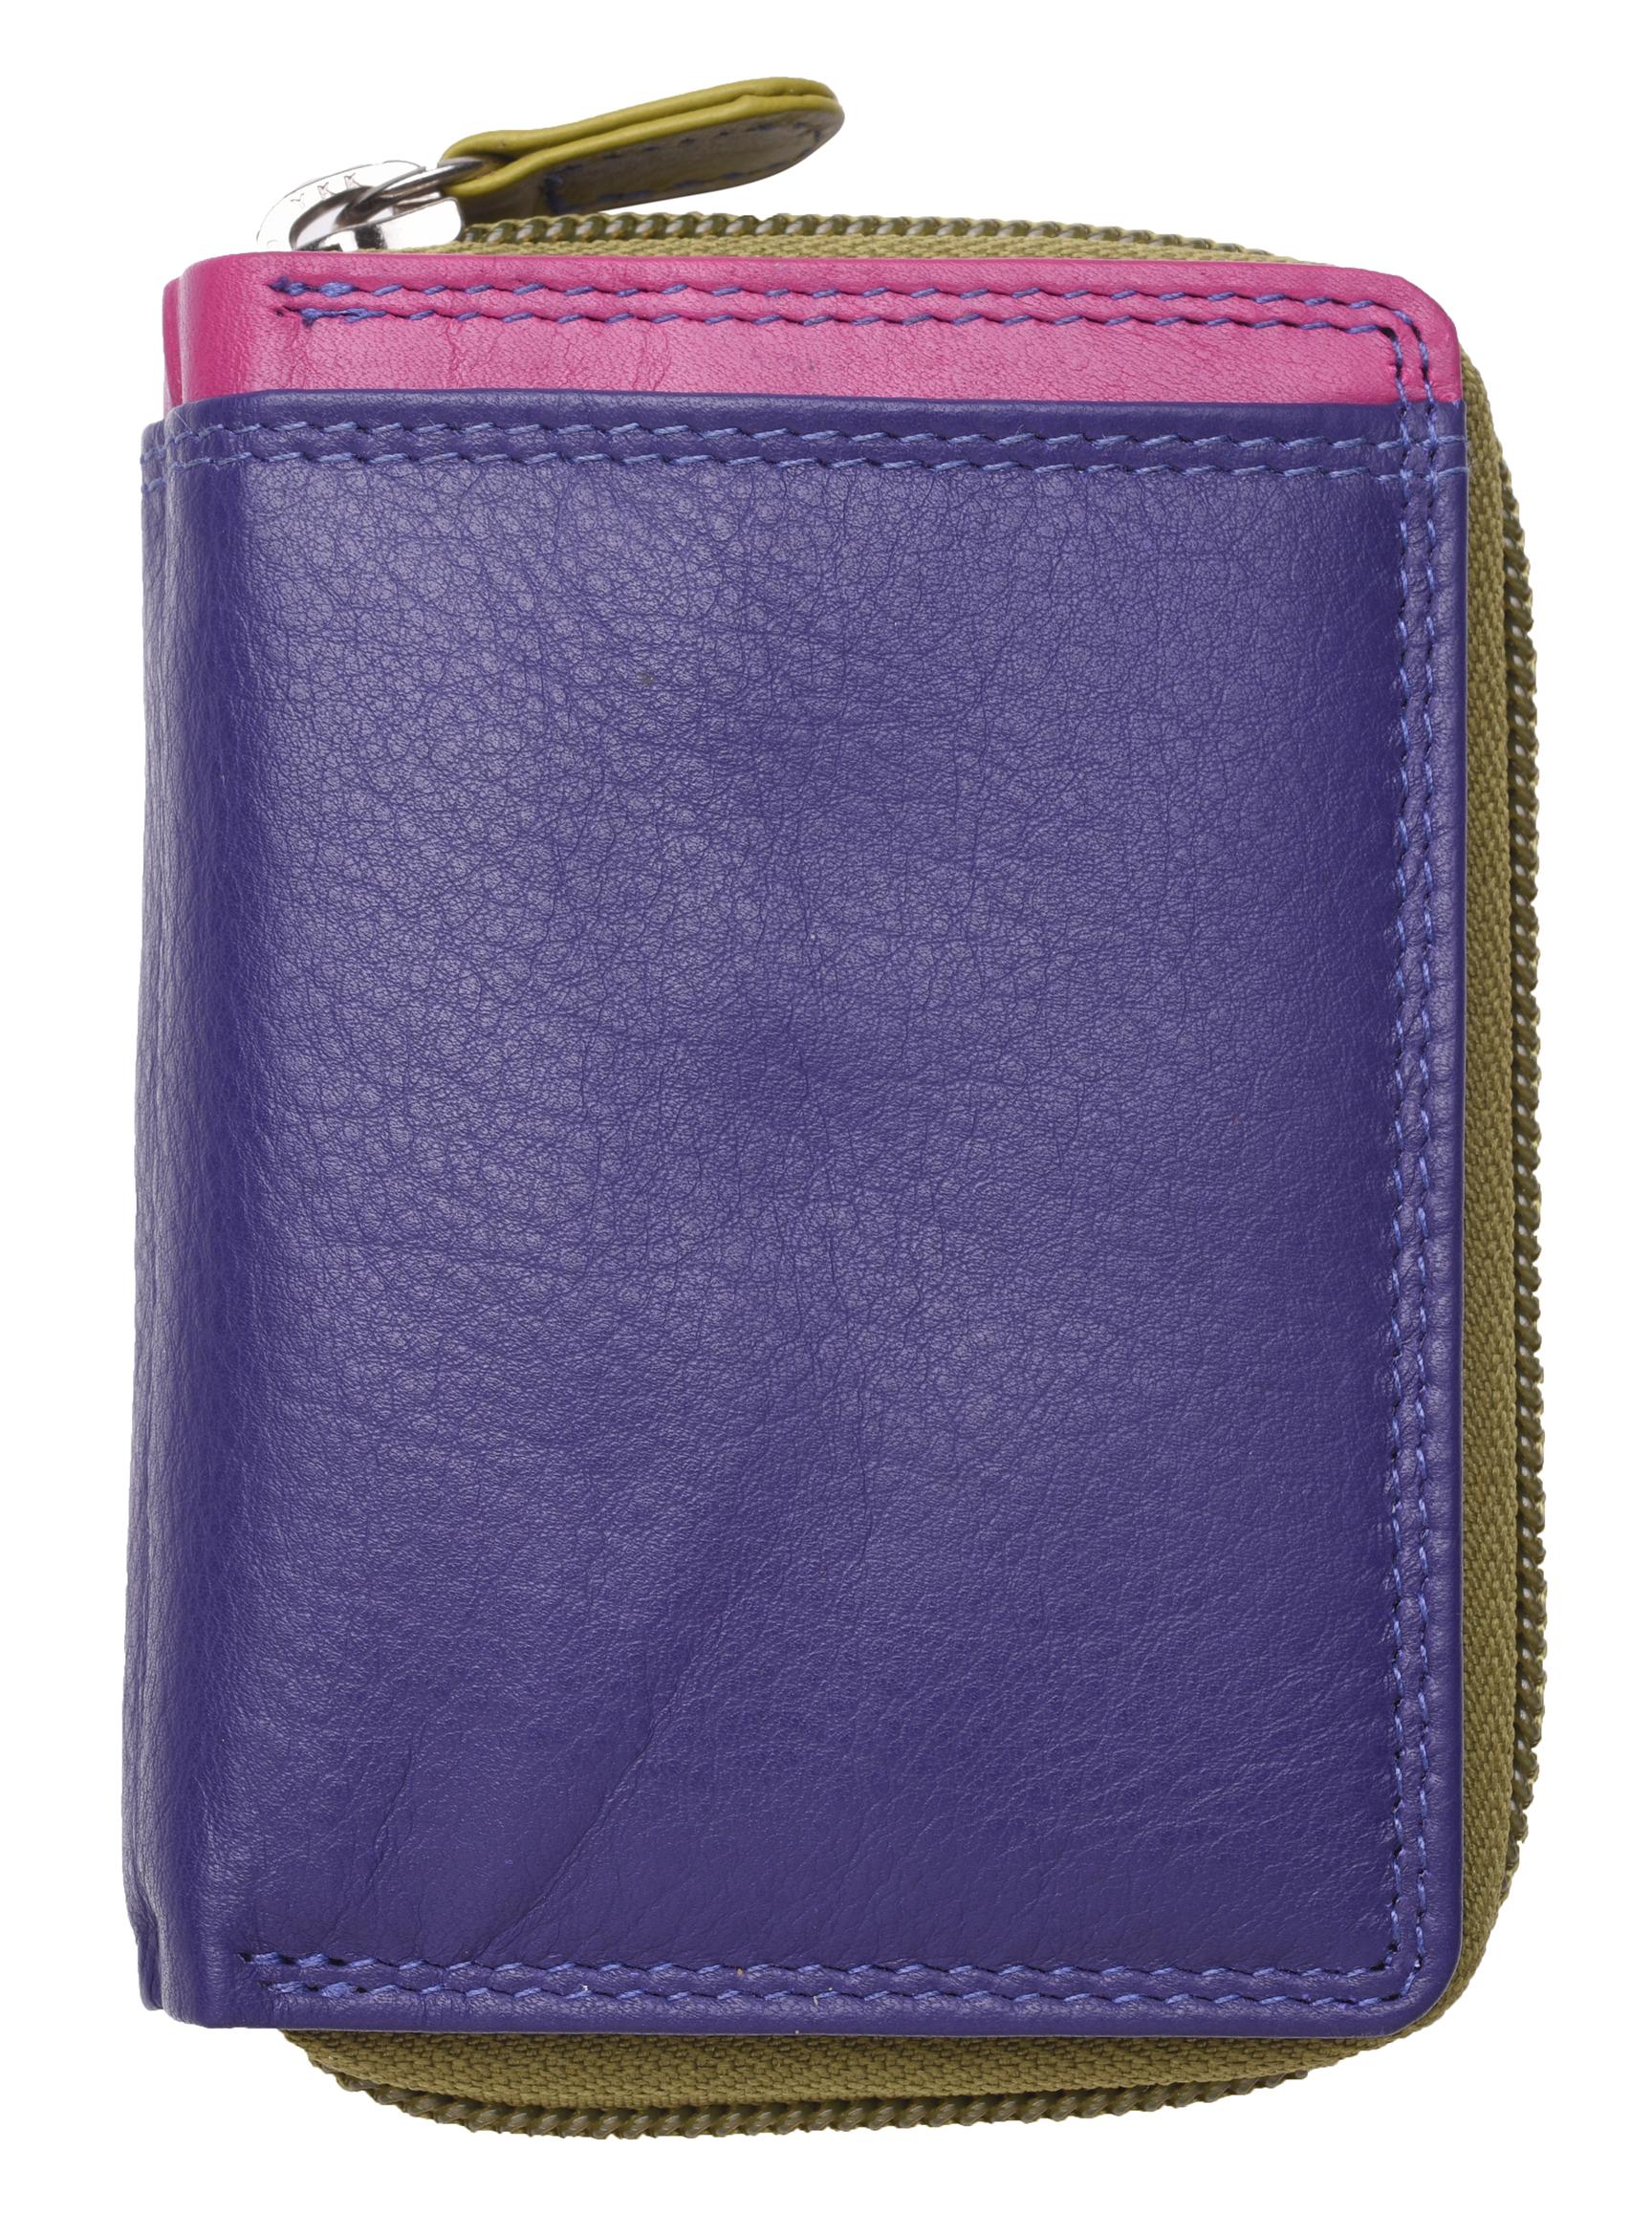 Femme-Femmes-RFID-Bloquant-en-Cuir-Veritable-Petit-Sac-a-main-portefeuille-vert-rose-rouge miniature 29